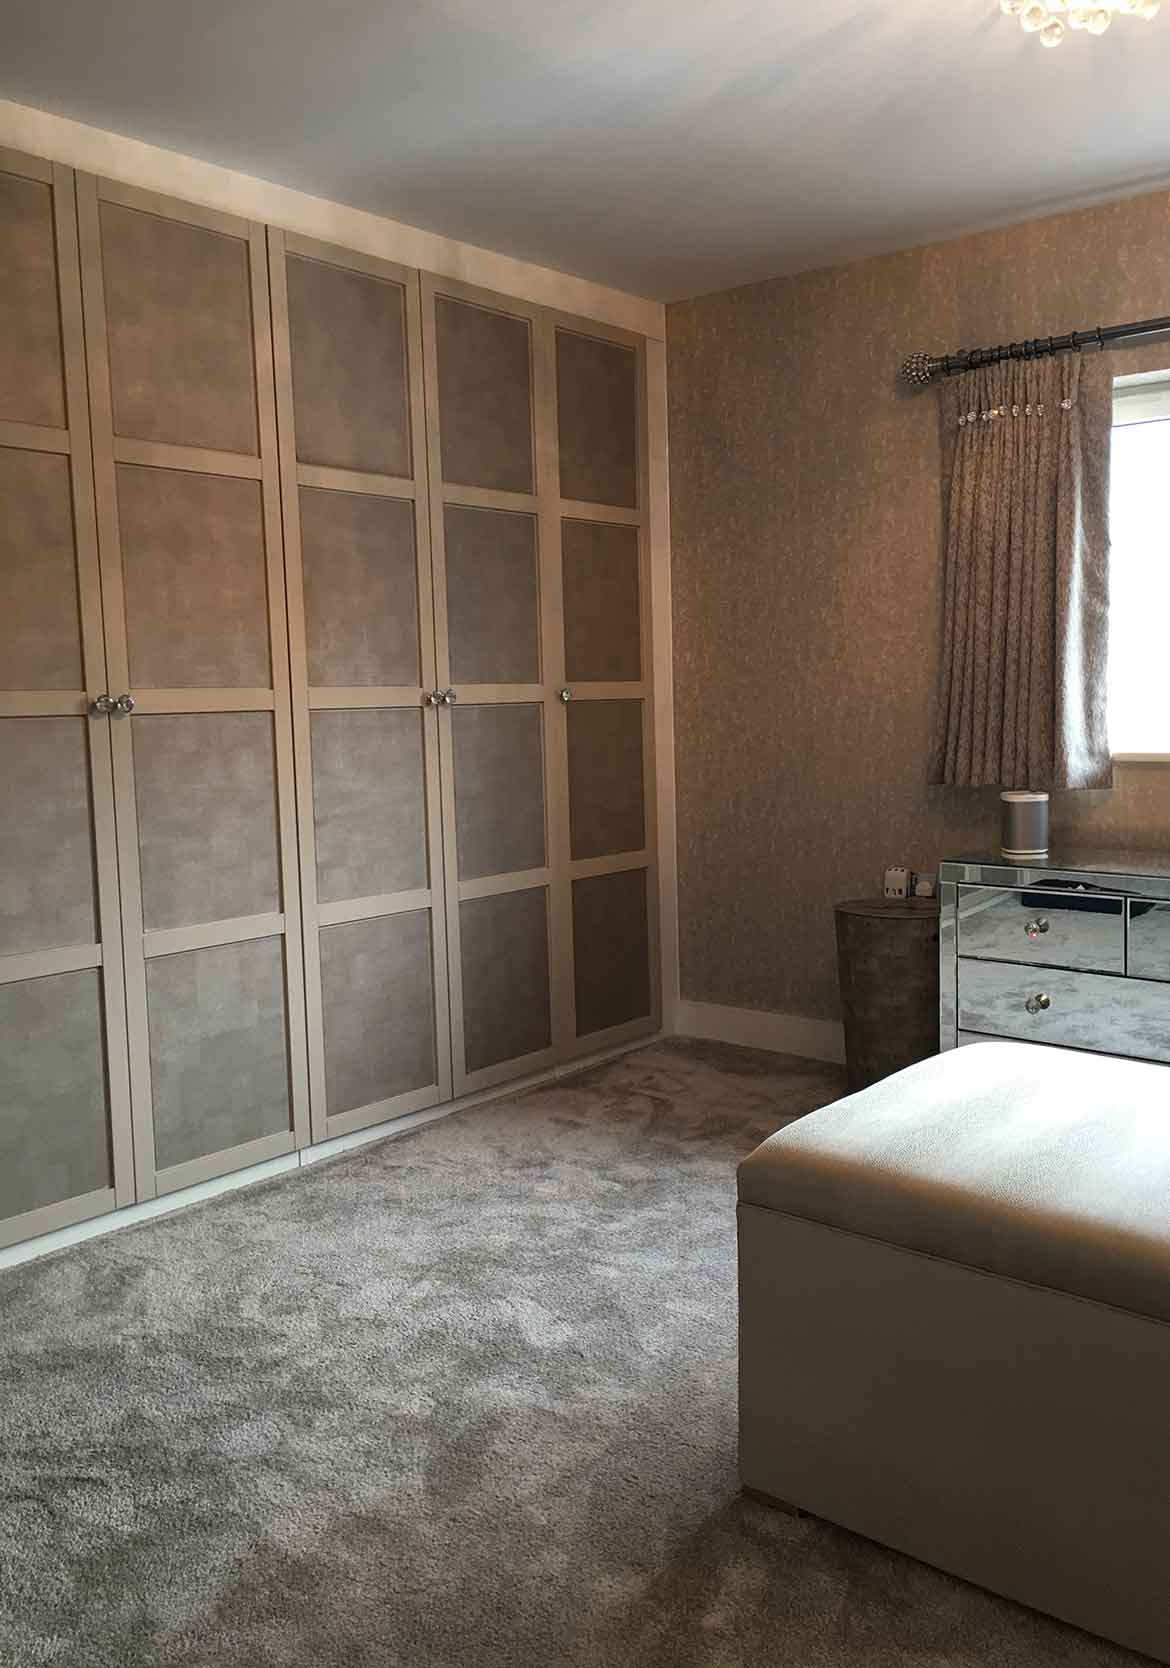 Bedroom design swank interiors